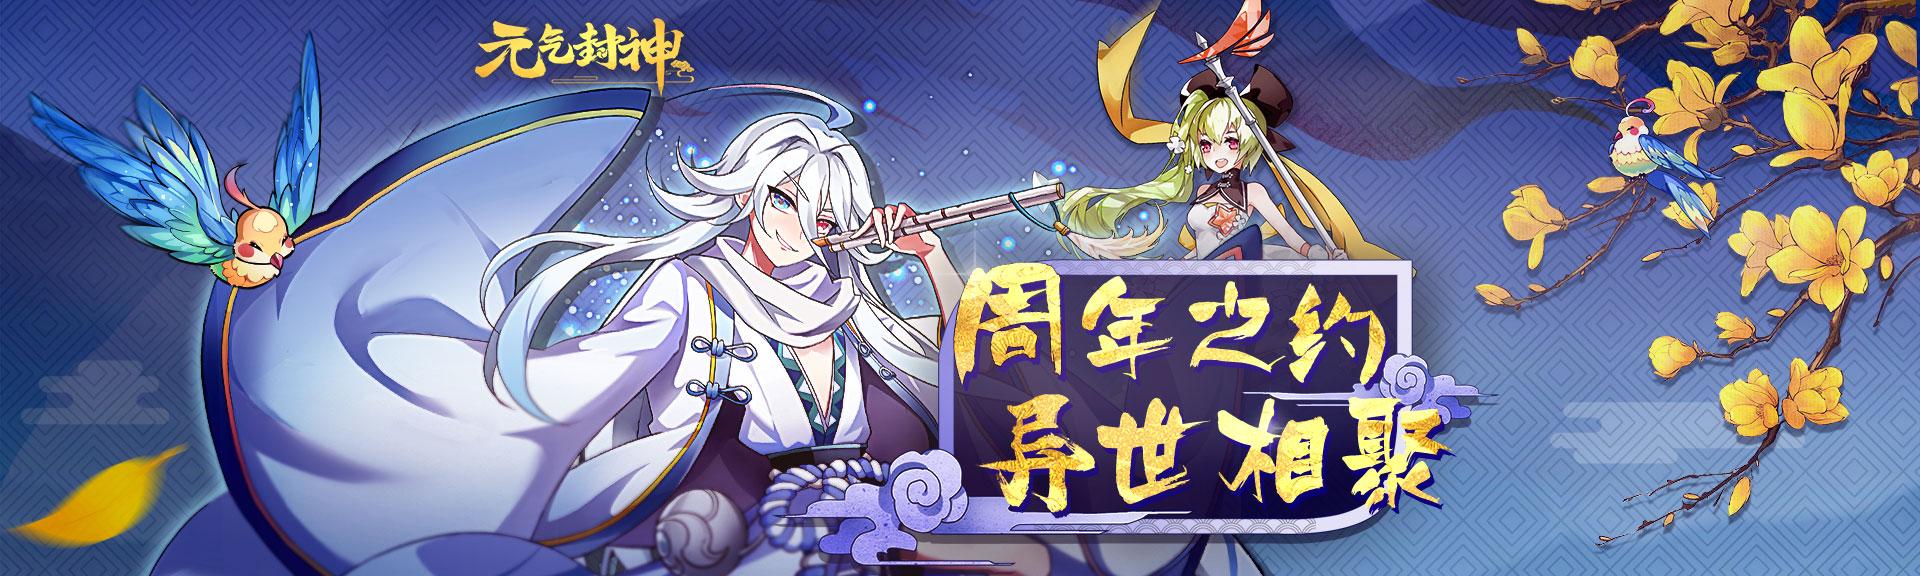 冬日盛宴伏羲降临 《元气封神》周年庆典即将开启